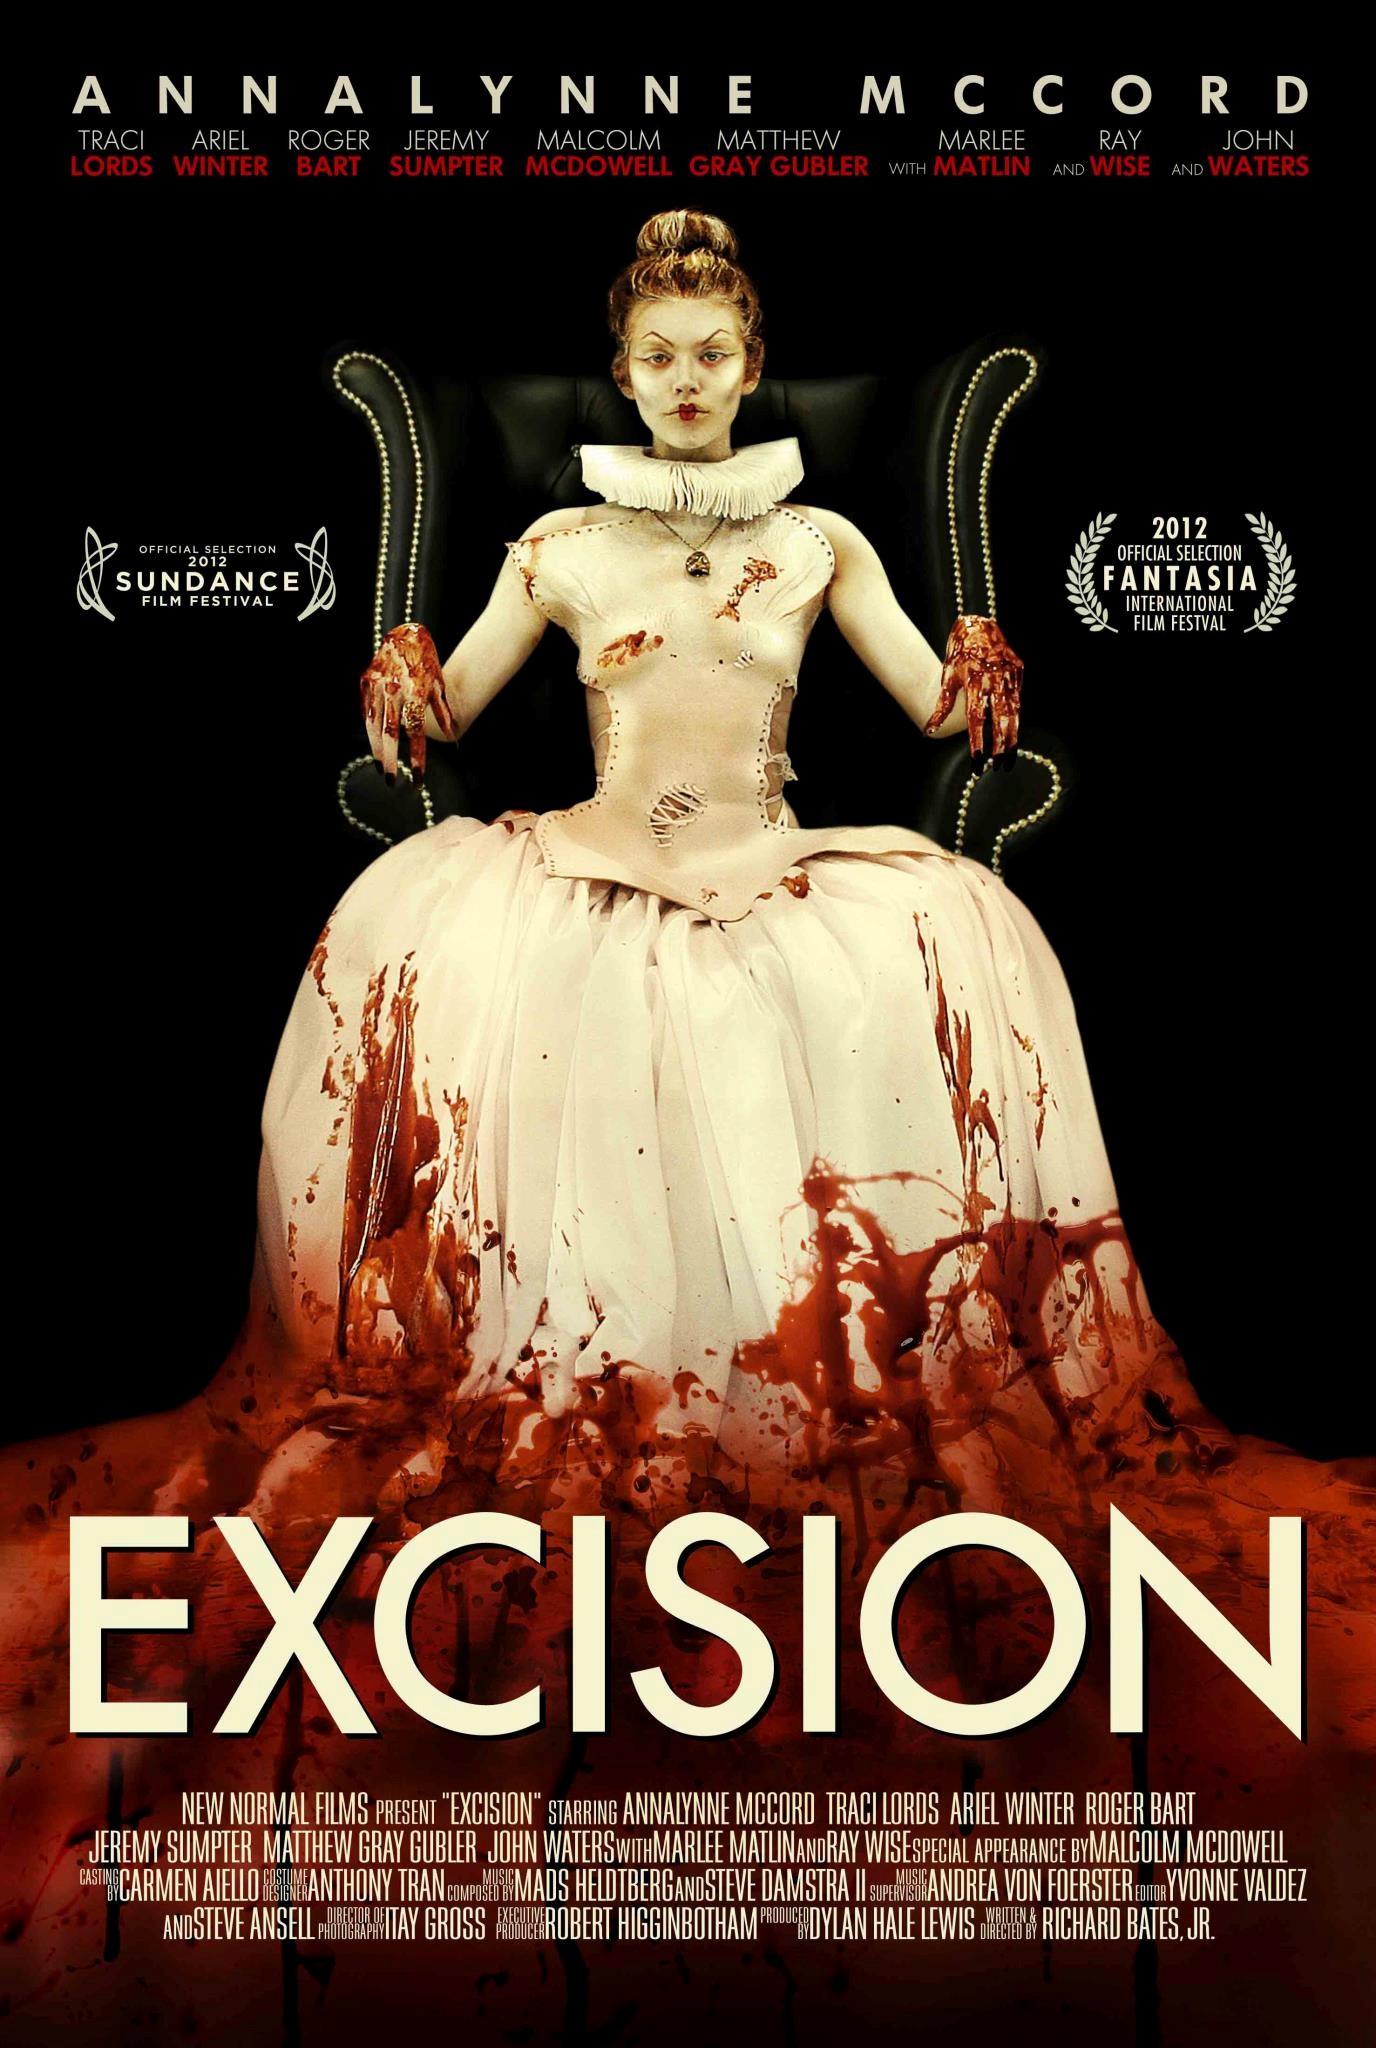 Обрезание / Excision (2012) смотреть фильм онлайн в хорошем качестве